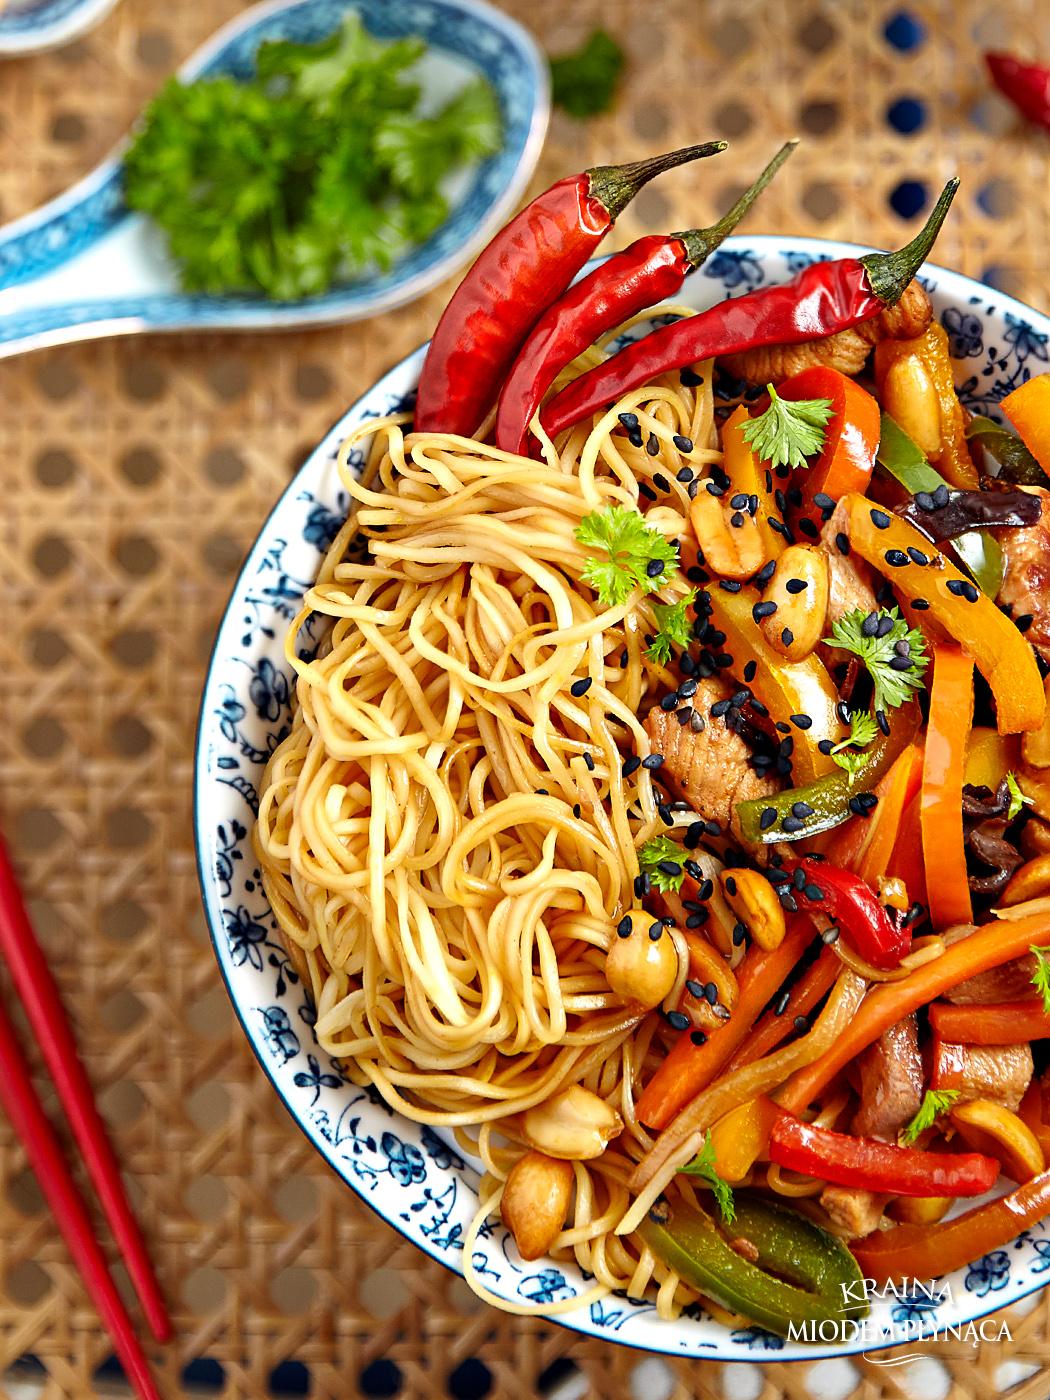 chińszczyzna na ostro, stir fry z mięsem, stir fry z makaronem, stir fry z warzywami, makaron z warzywami, warzywa w sosie sojowym, sos sojowy, makaron chiński, kraina miodem płynąca